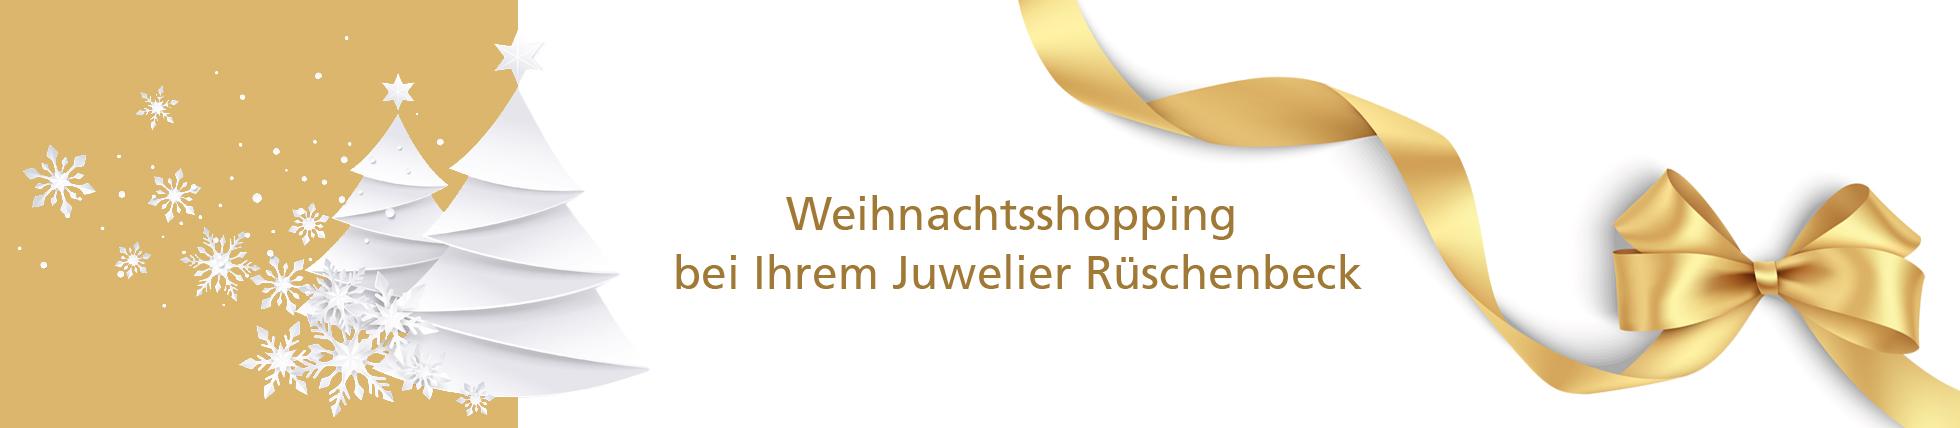 Weihnachtsshopping mit verlängertem Rückgaberecht bei Ihrem Juwelier Rüschenbeck